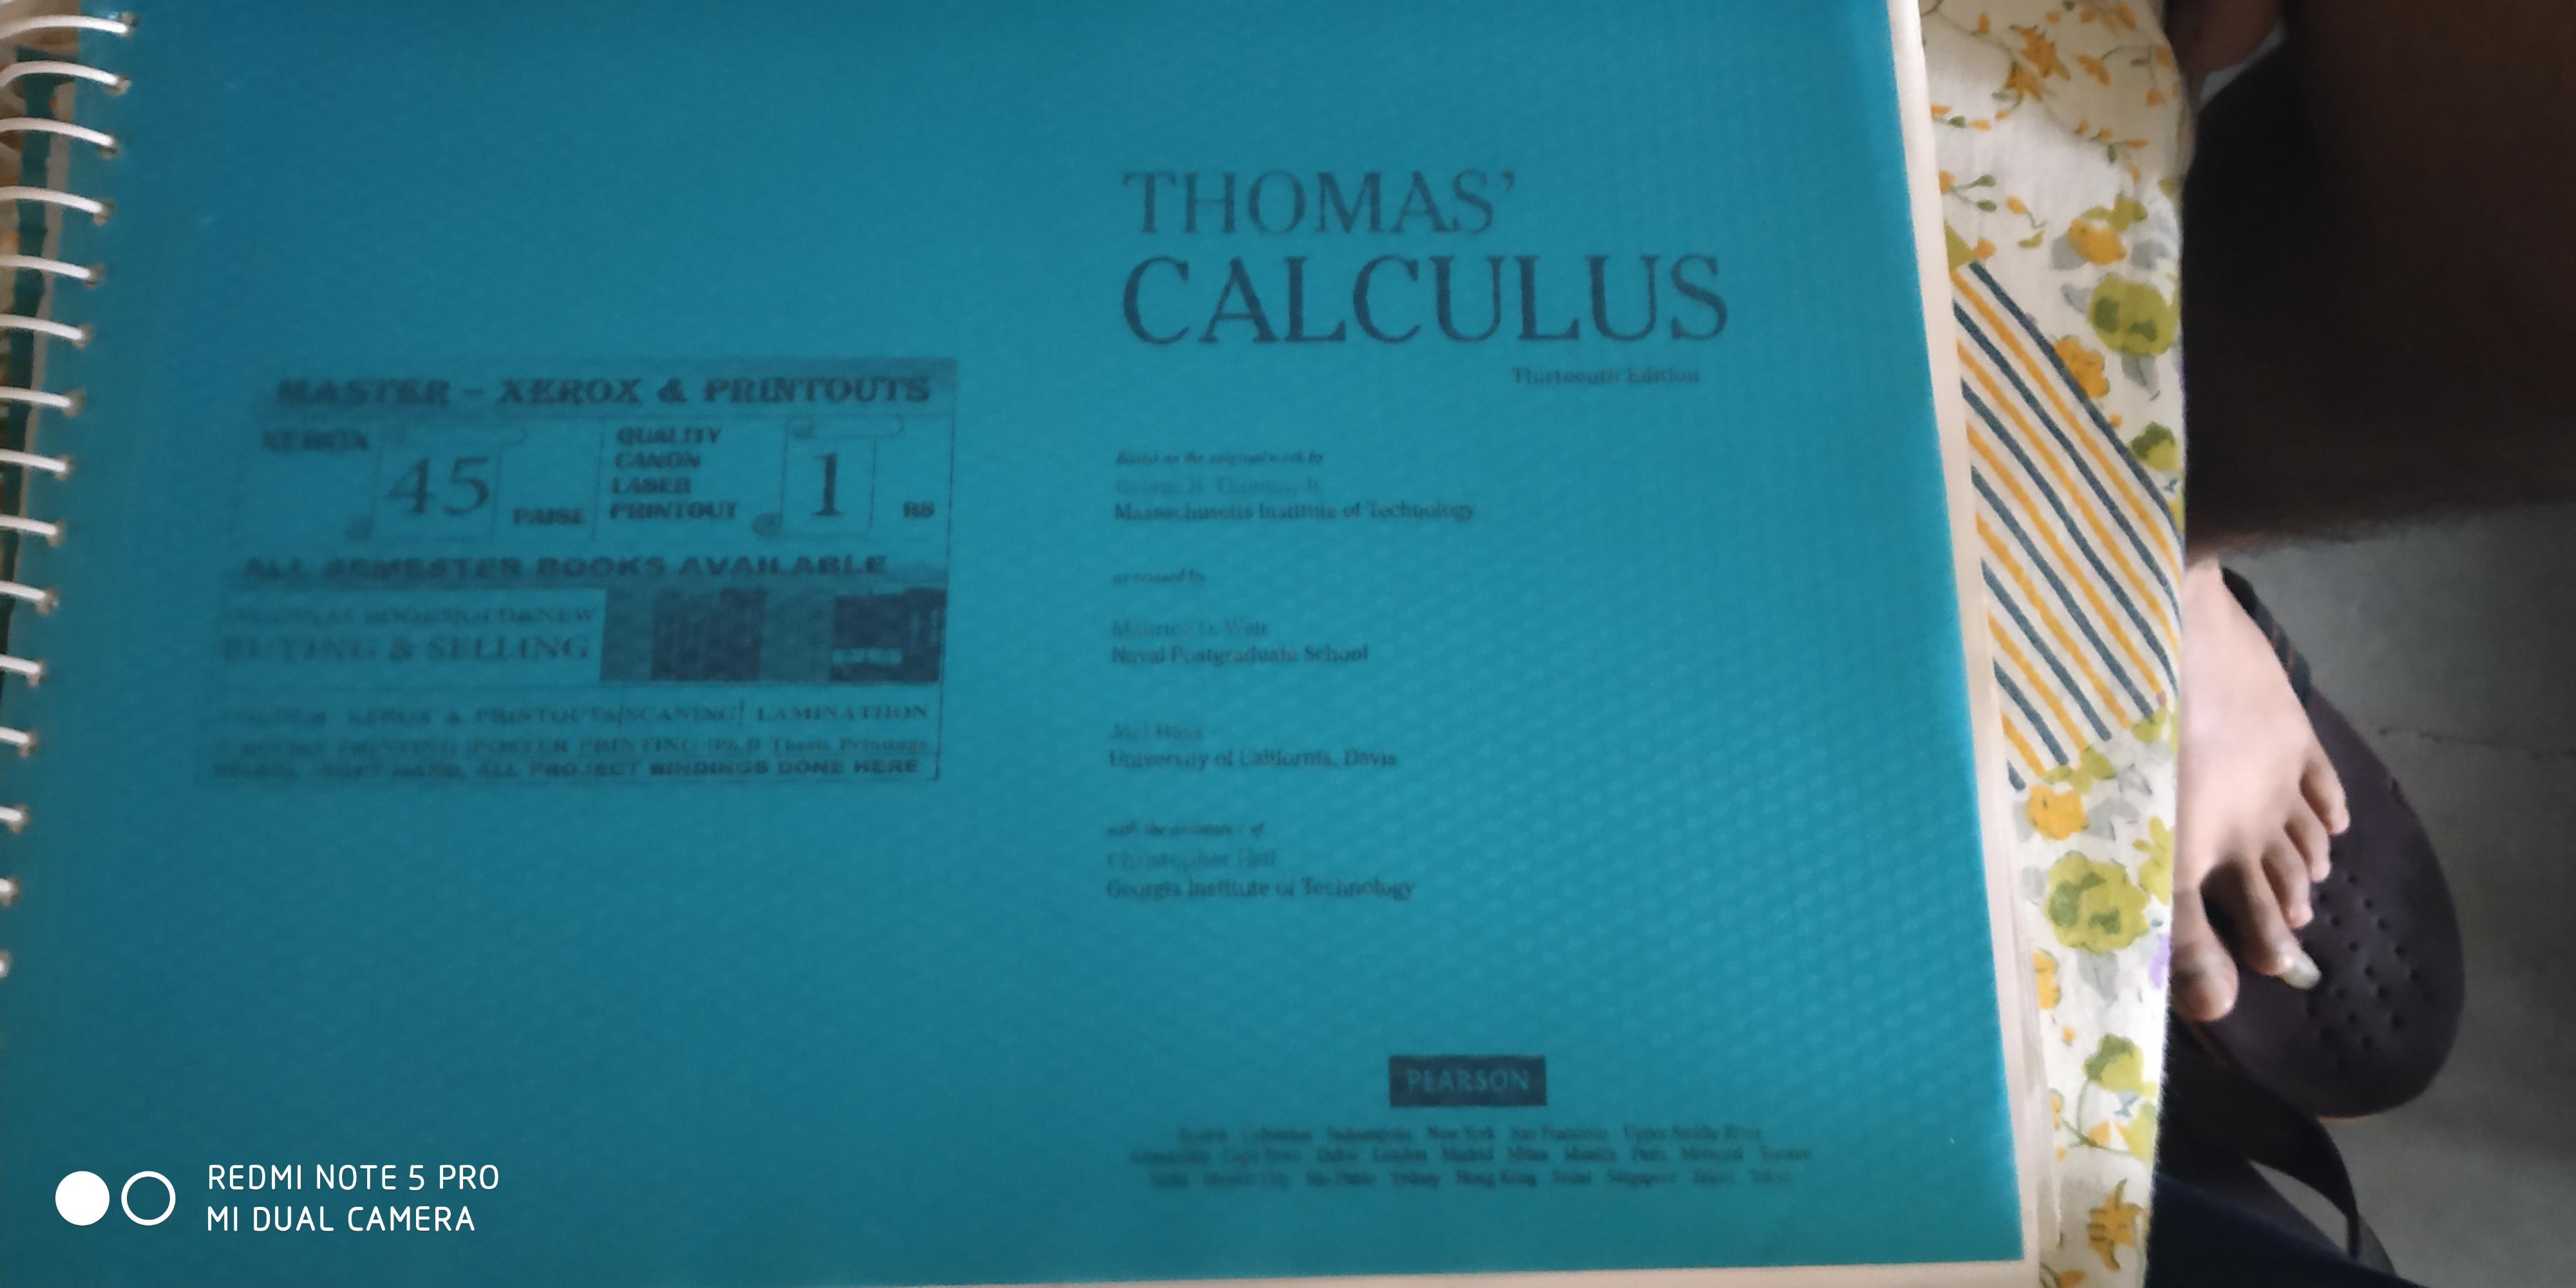 Thomas calculas